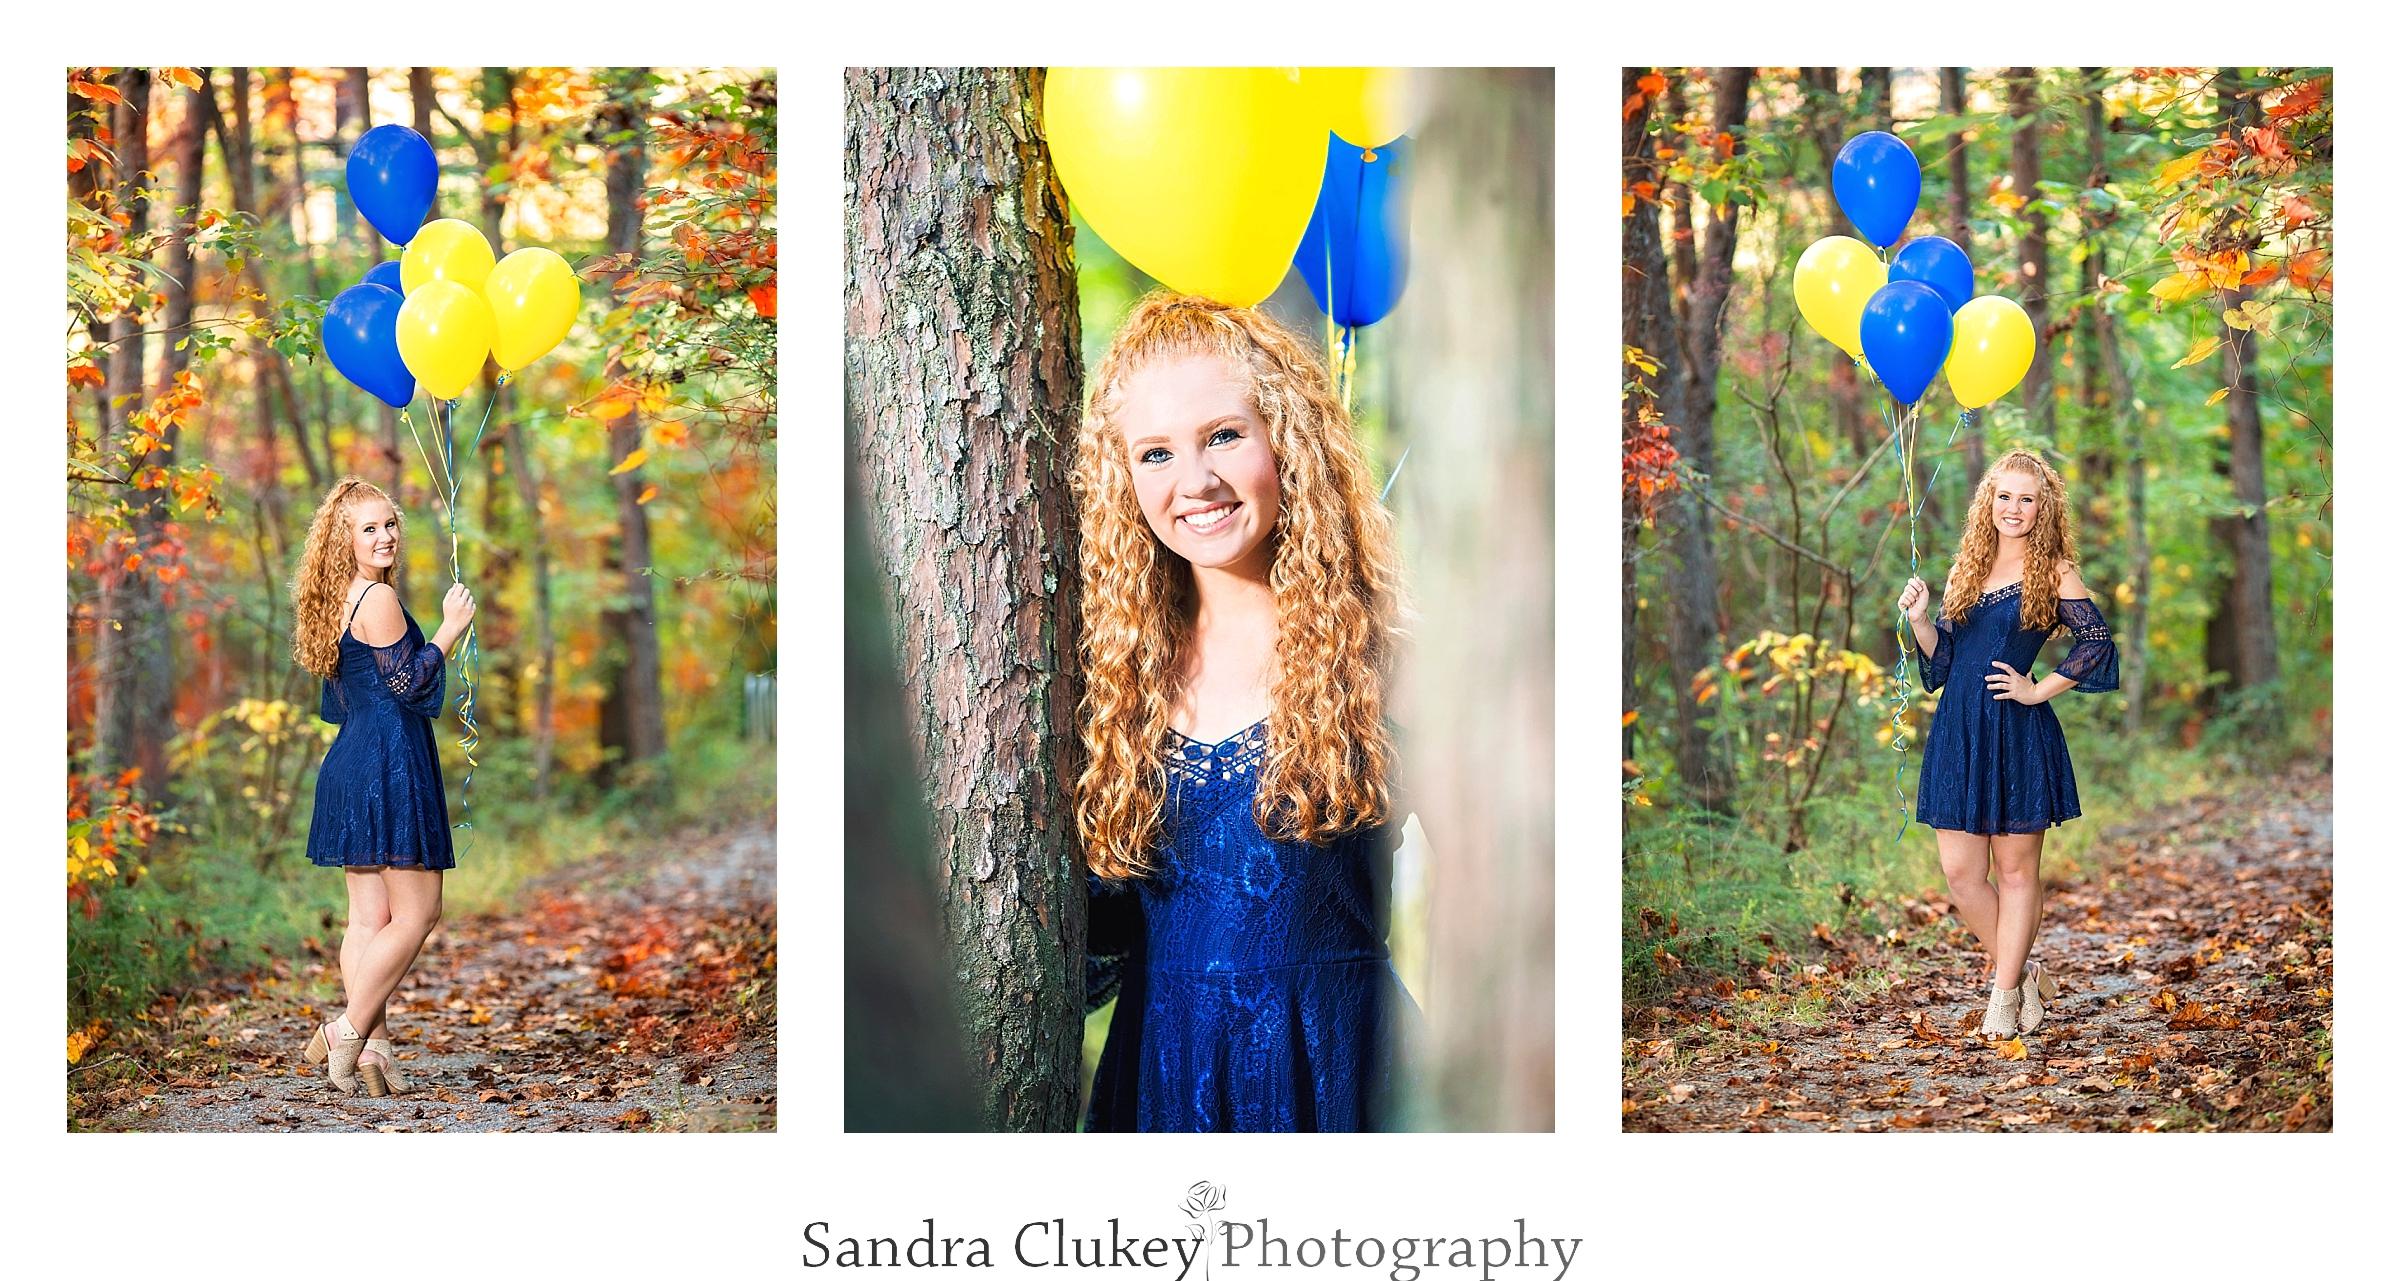 Sensational senior photos